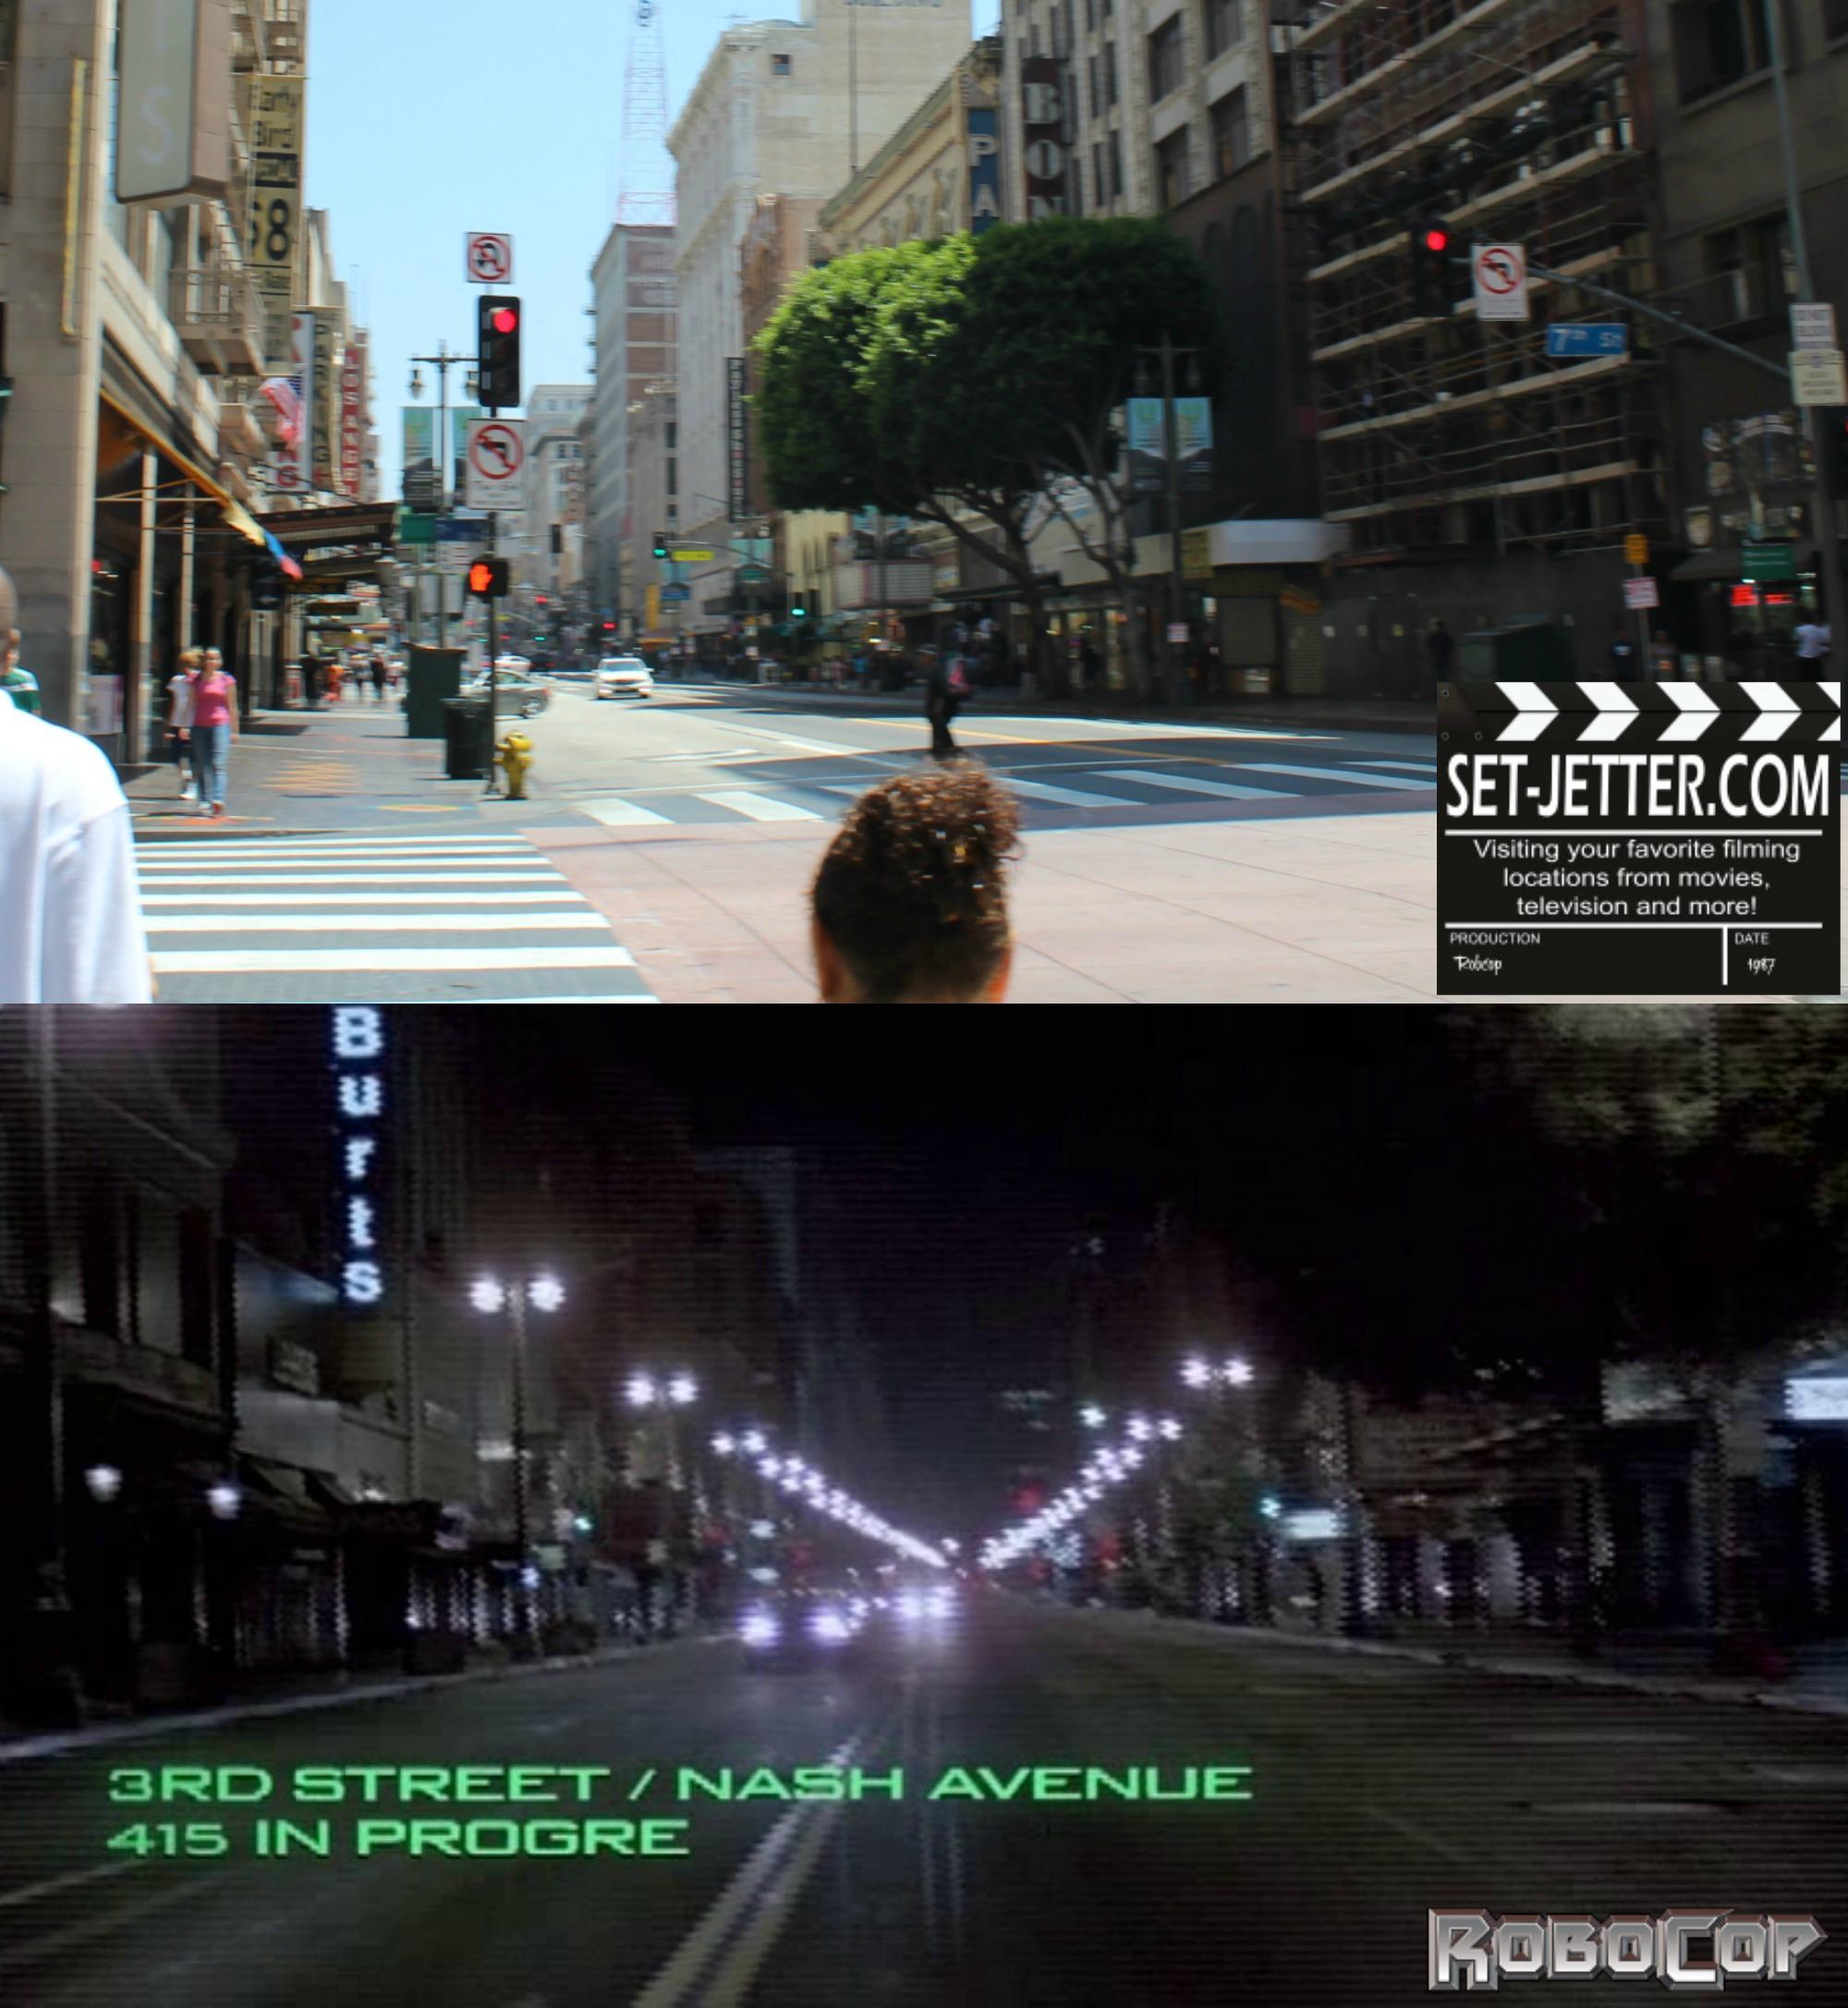 Robocop comparison 181.jpg